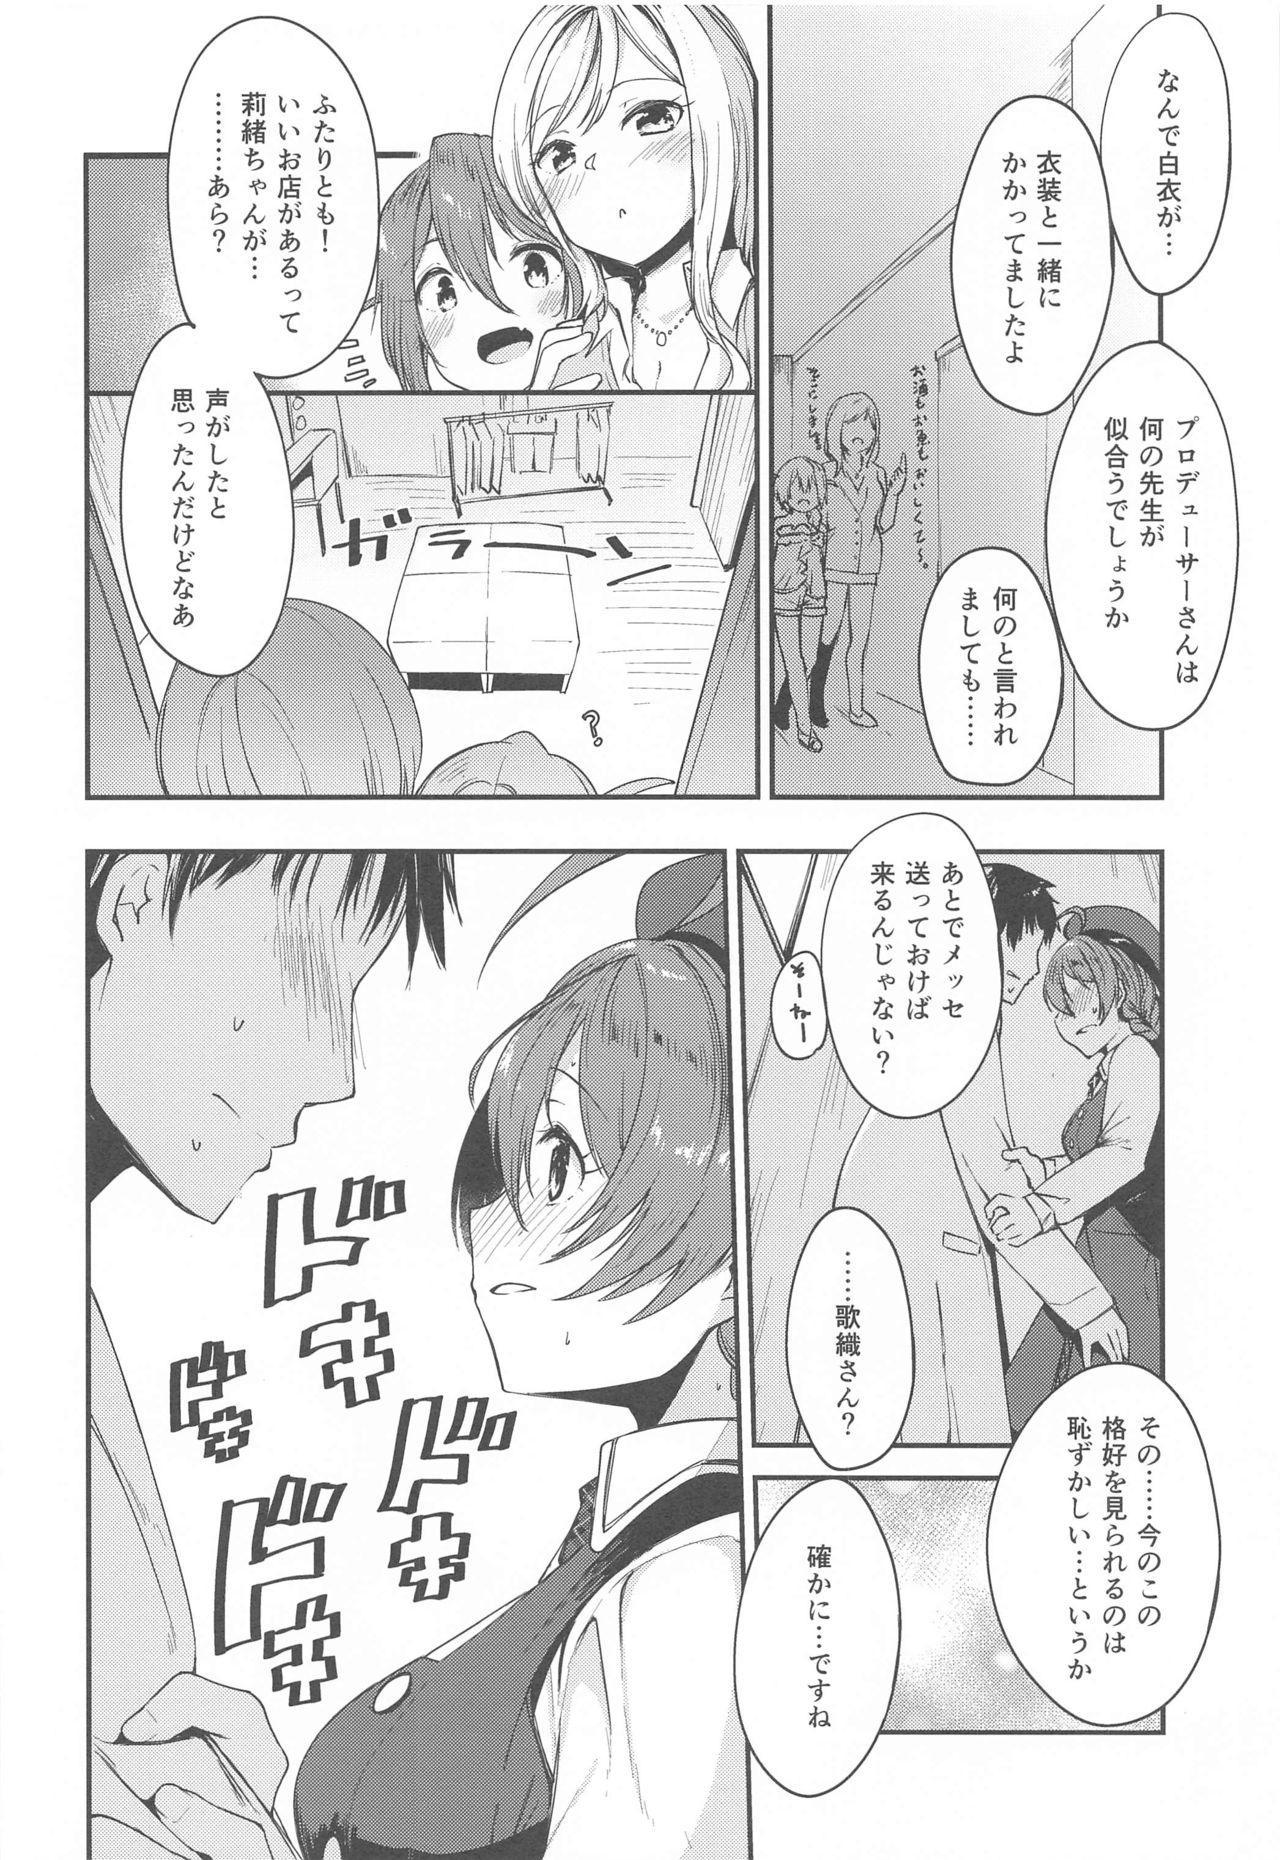 Mite Kudasai, Okigae Shimashita! 4